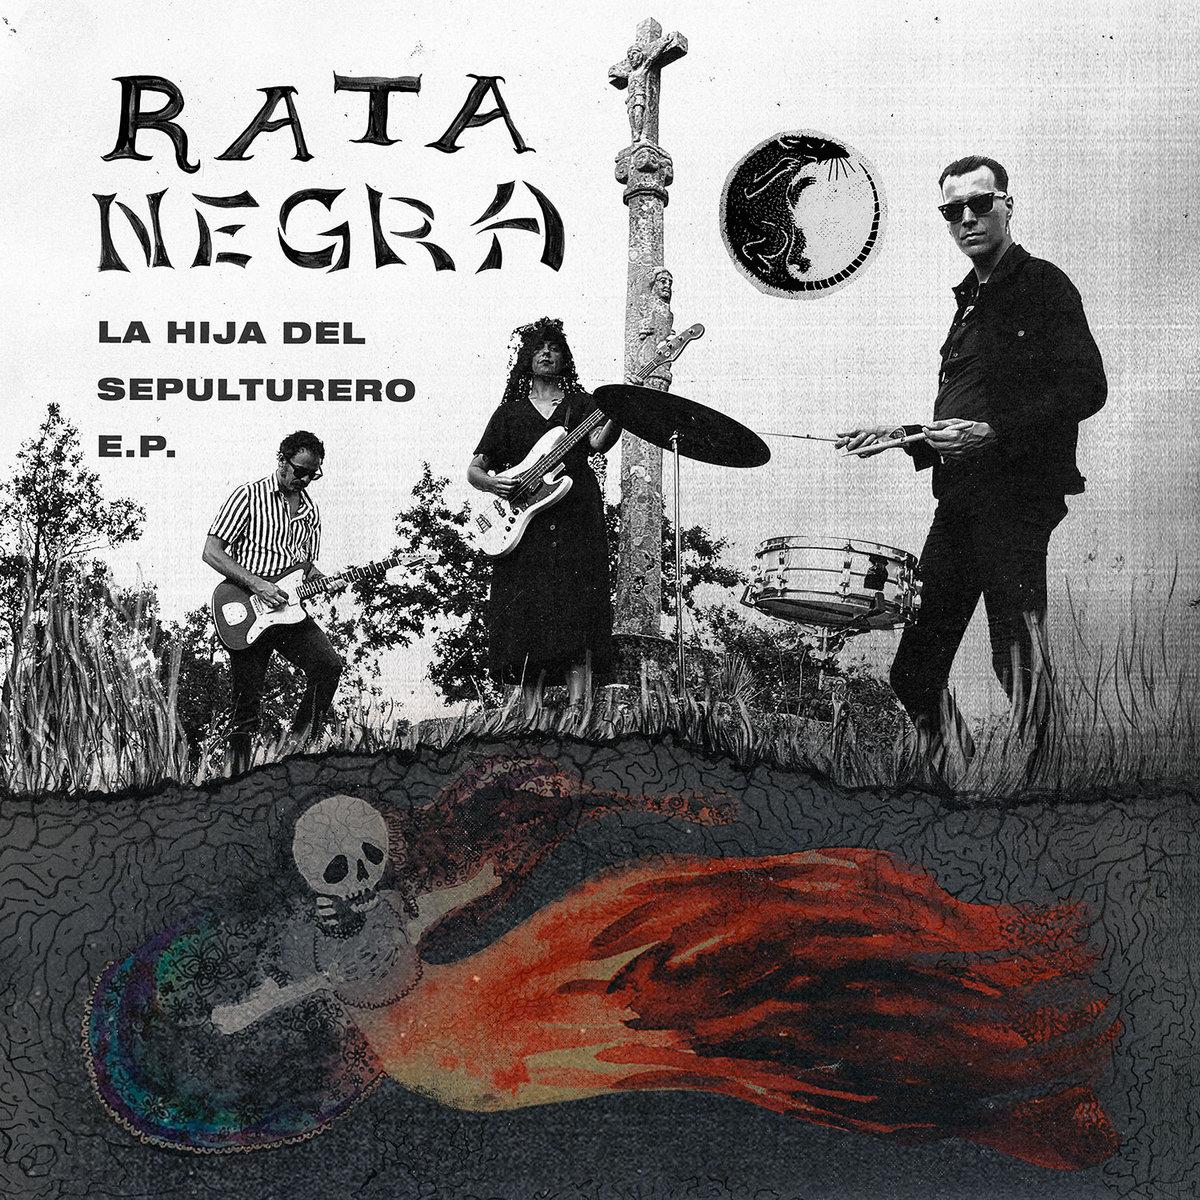 portada del album La Hija del Sepulturero